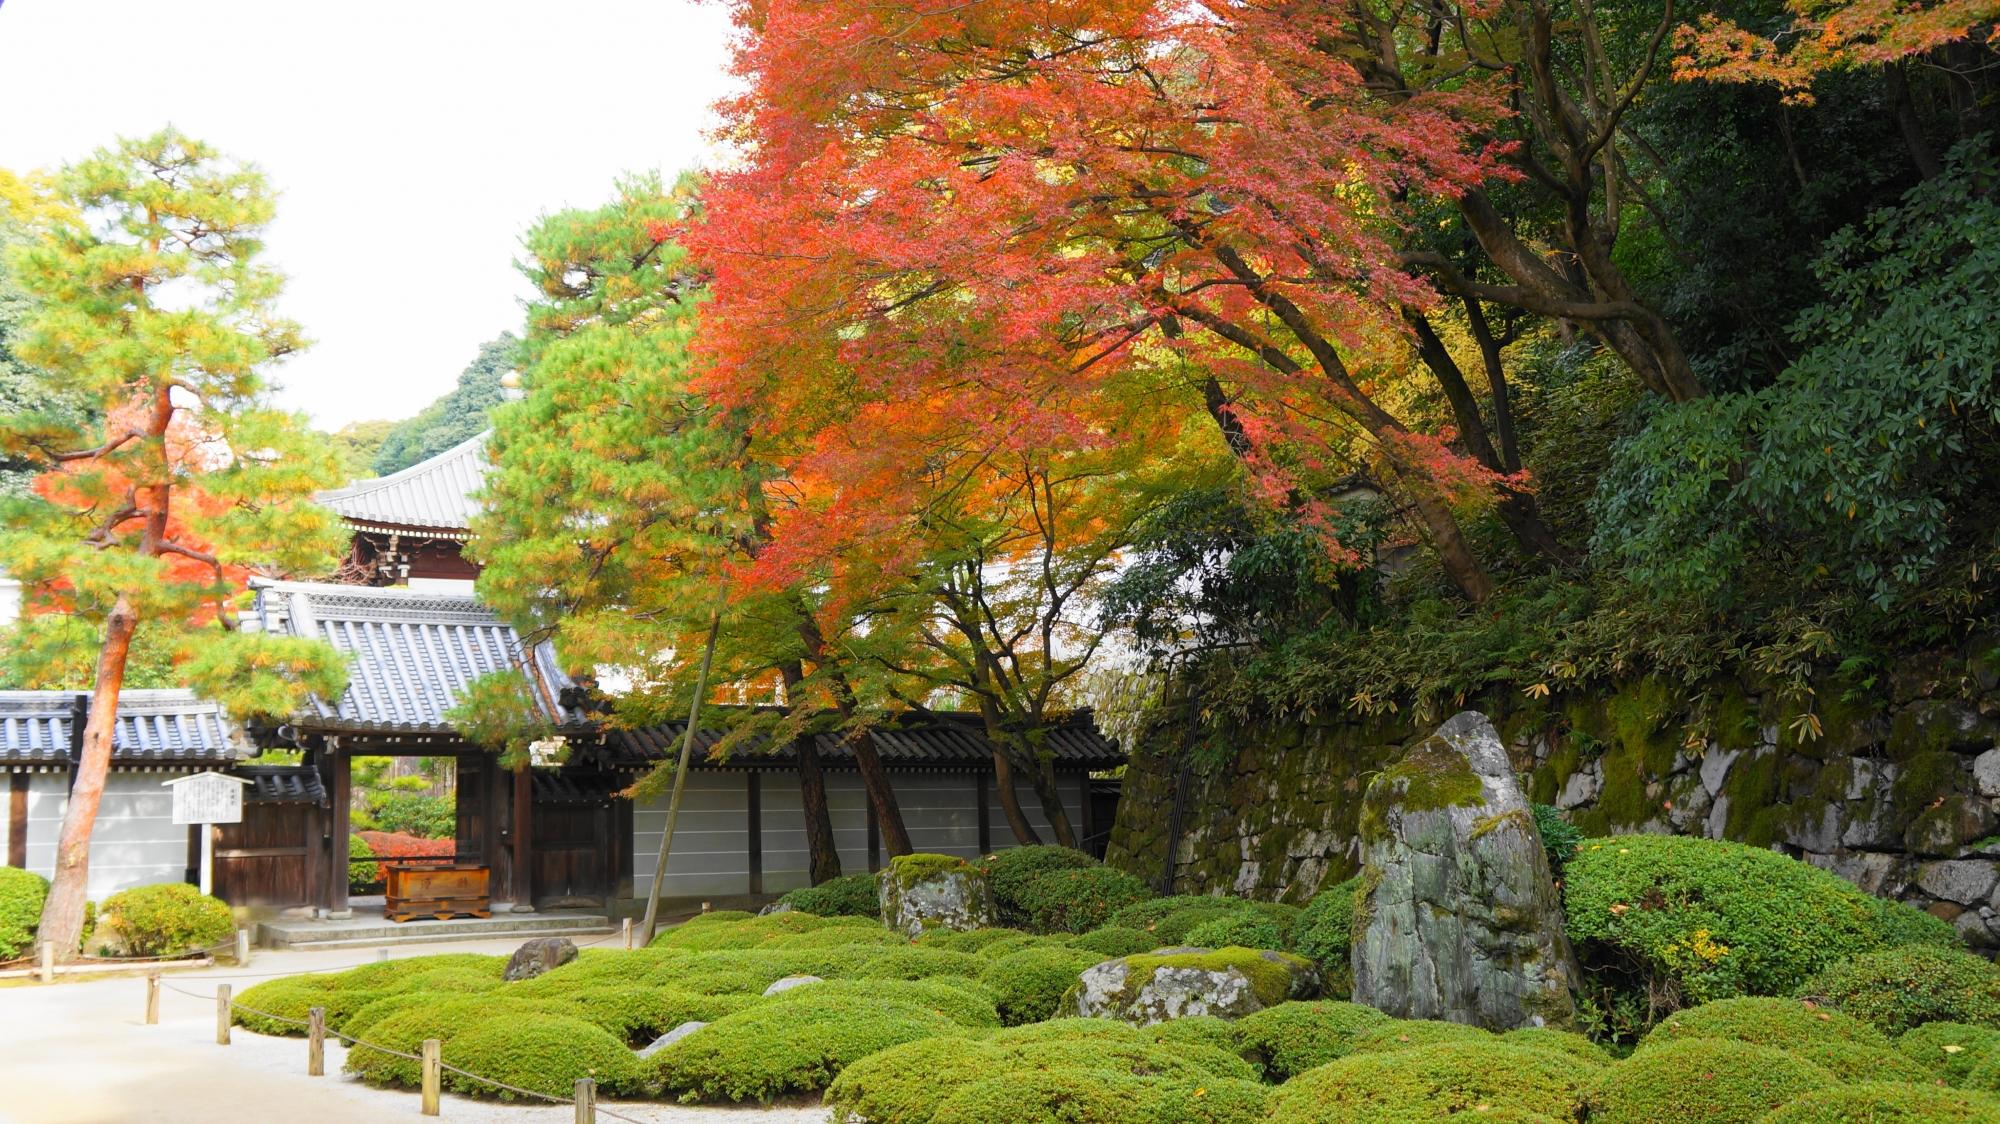 二十五菩薩の庭の風情ある紅葉